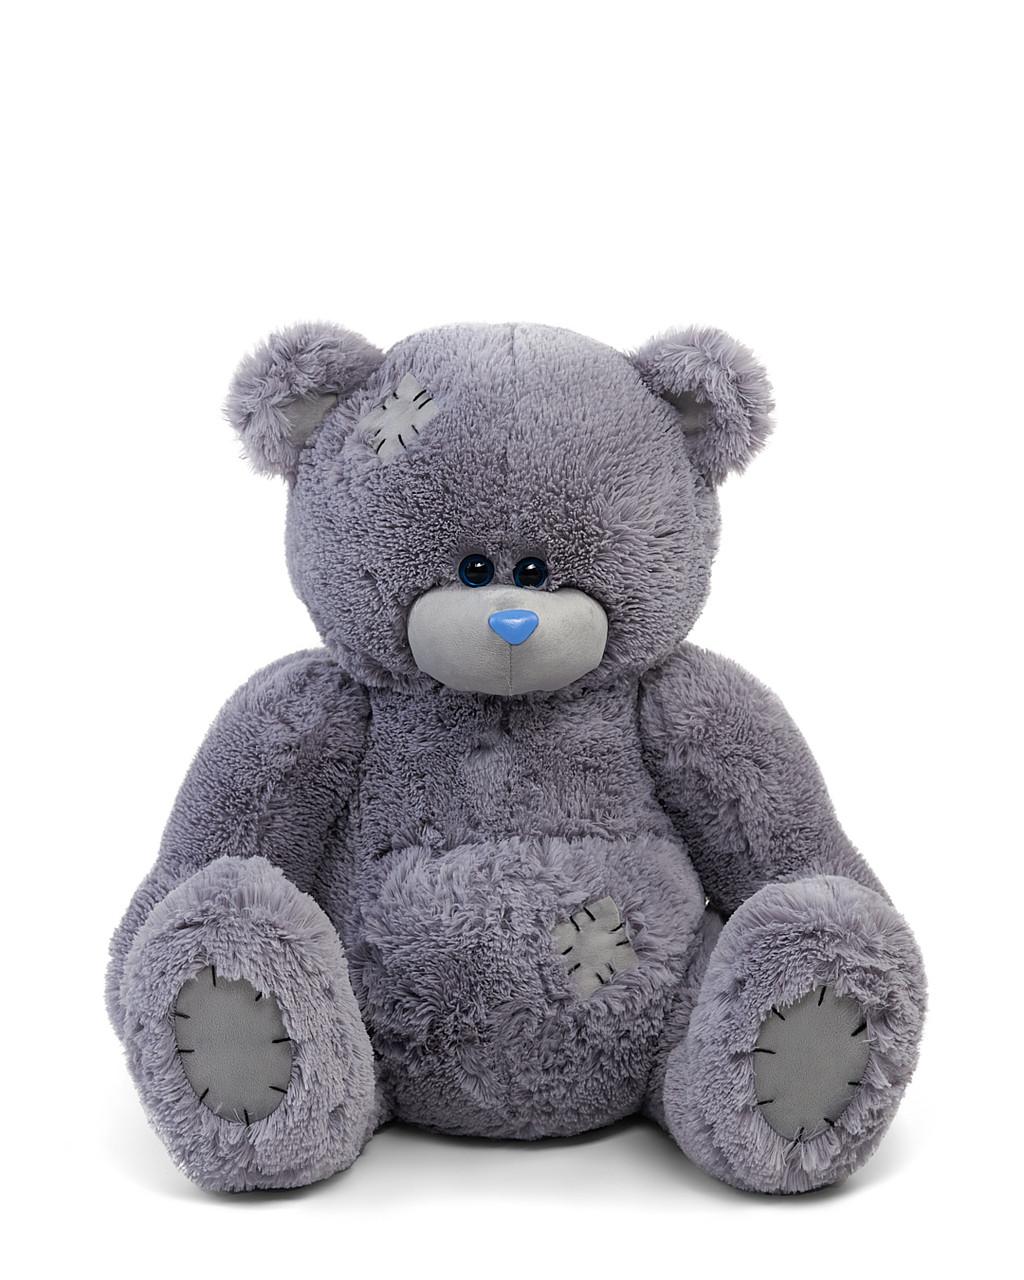 Мягкие игрушки мишка Тедди 110 см цвет серый   Плюшевые медведи   Плюшевый мишка от производителя